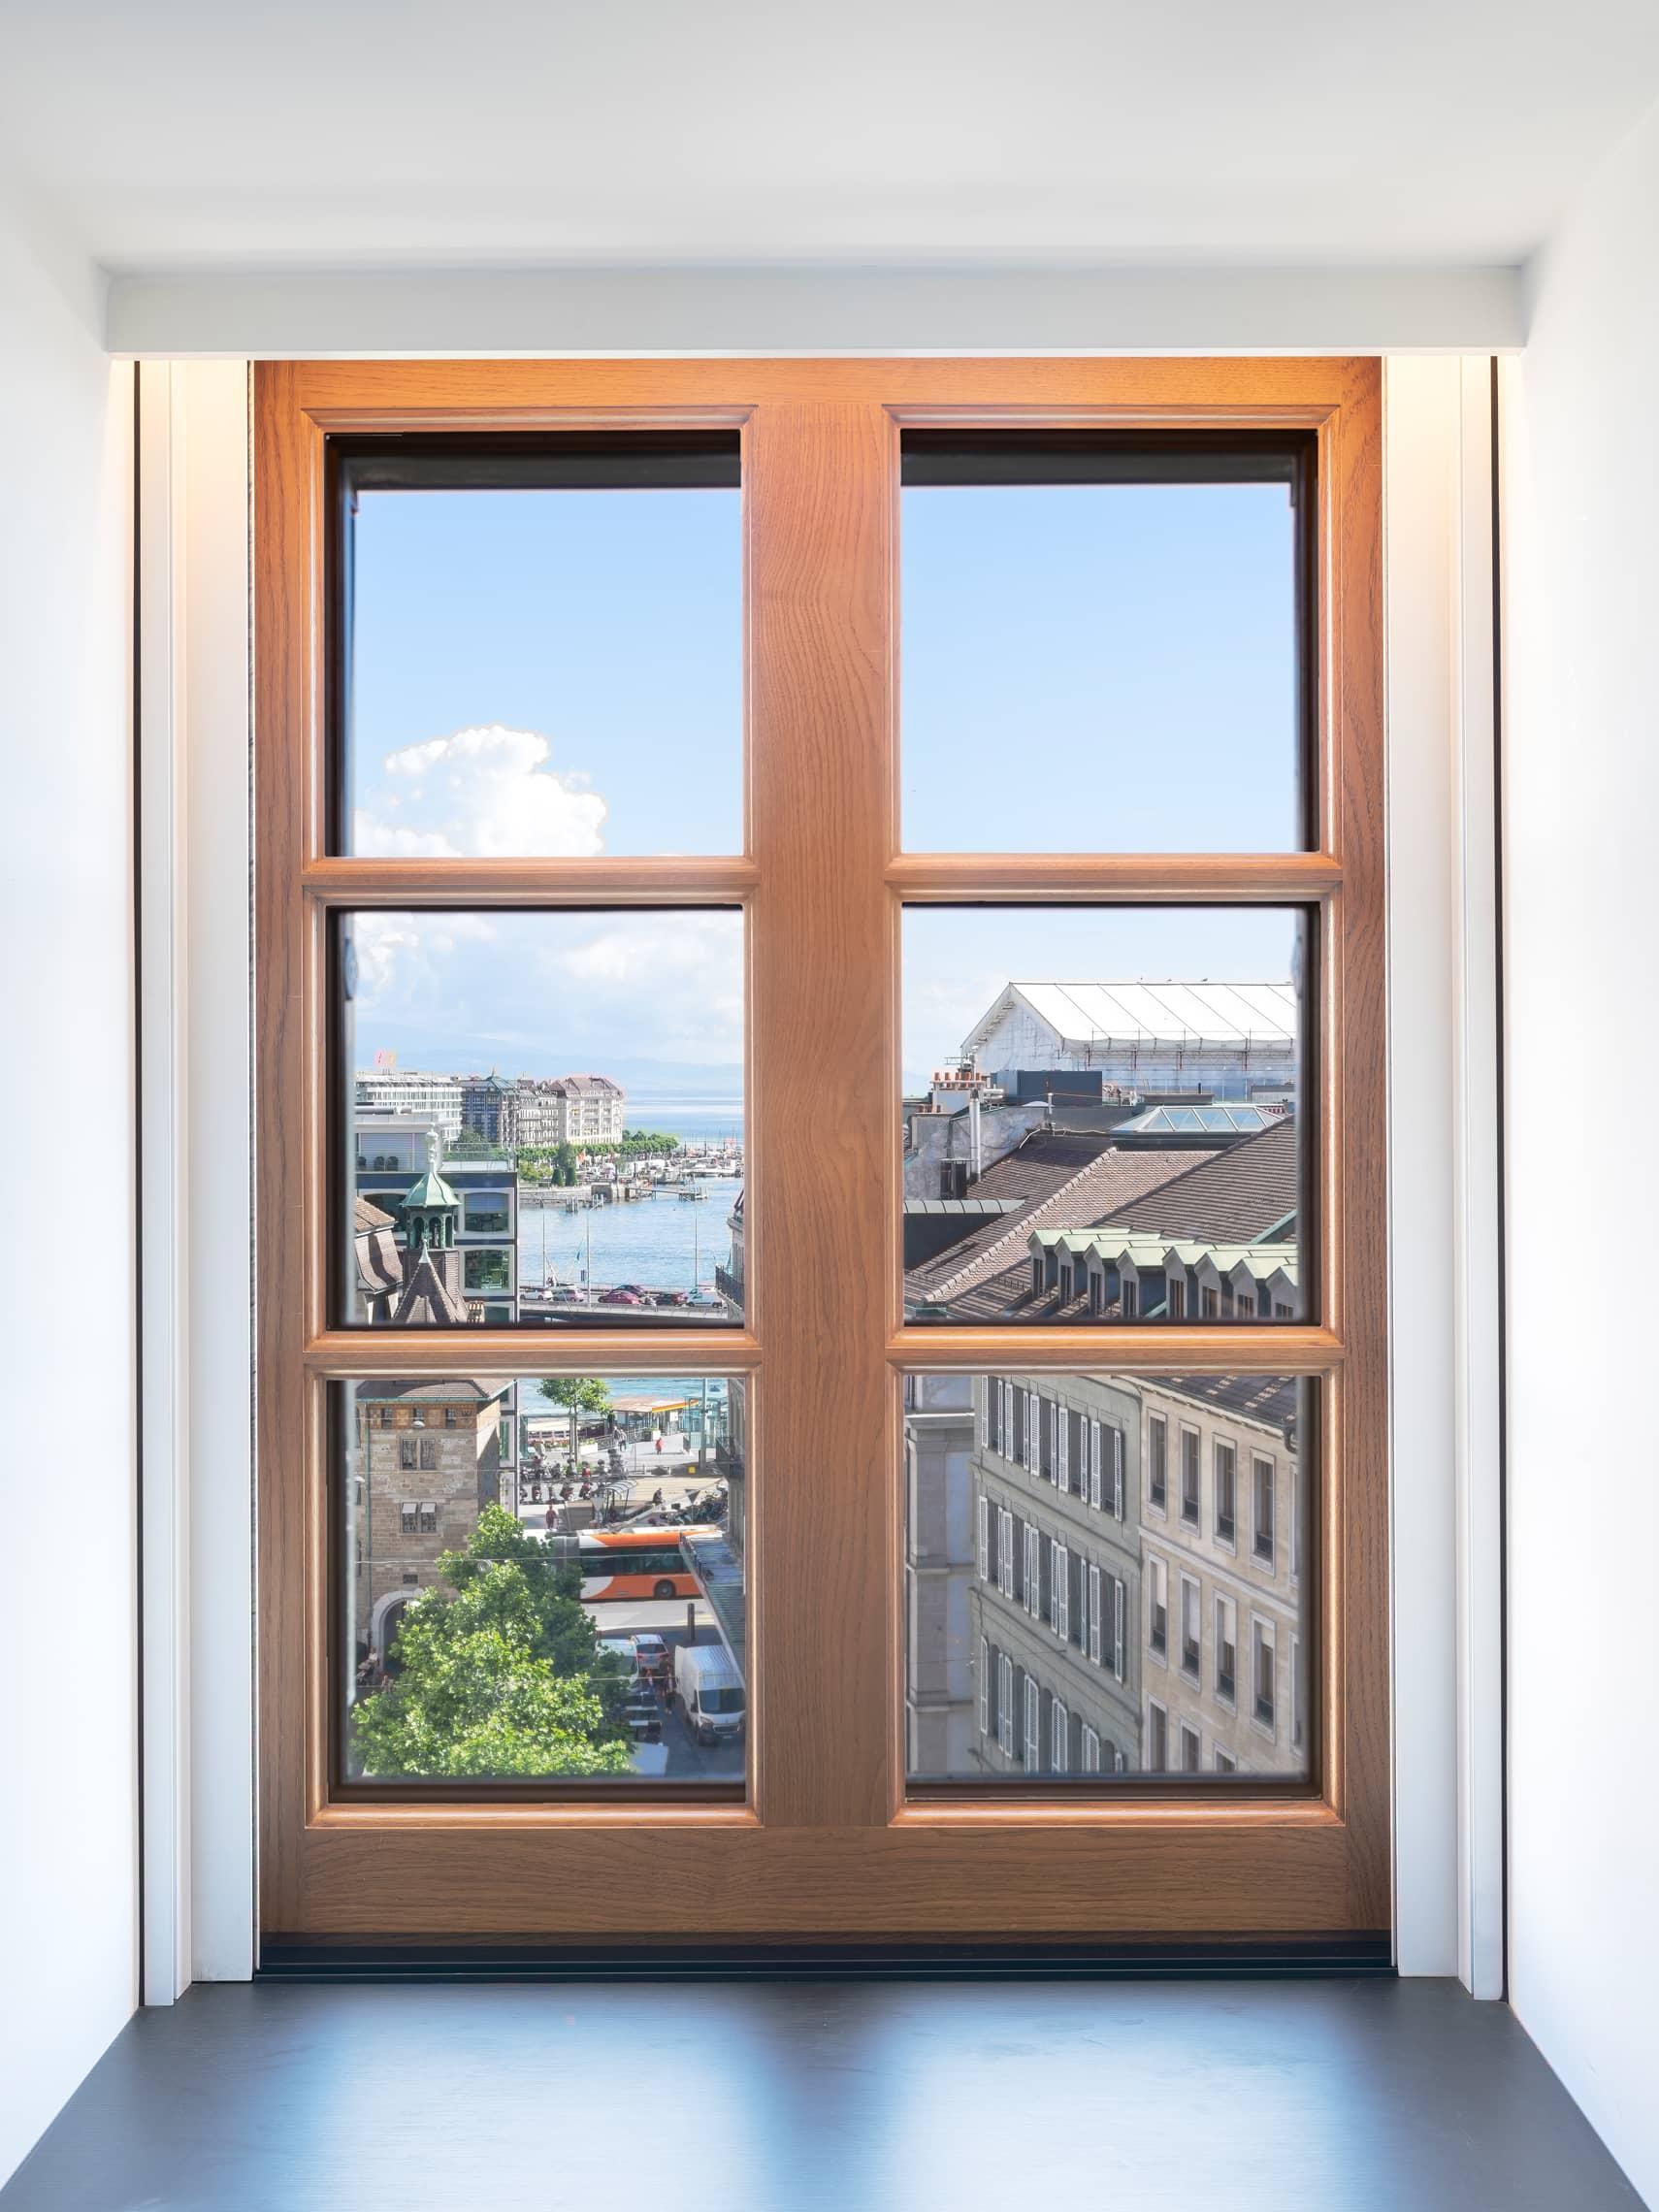 vue sur la rade de Genève derrière une fenêtre